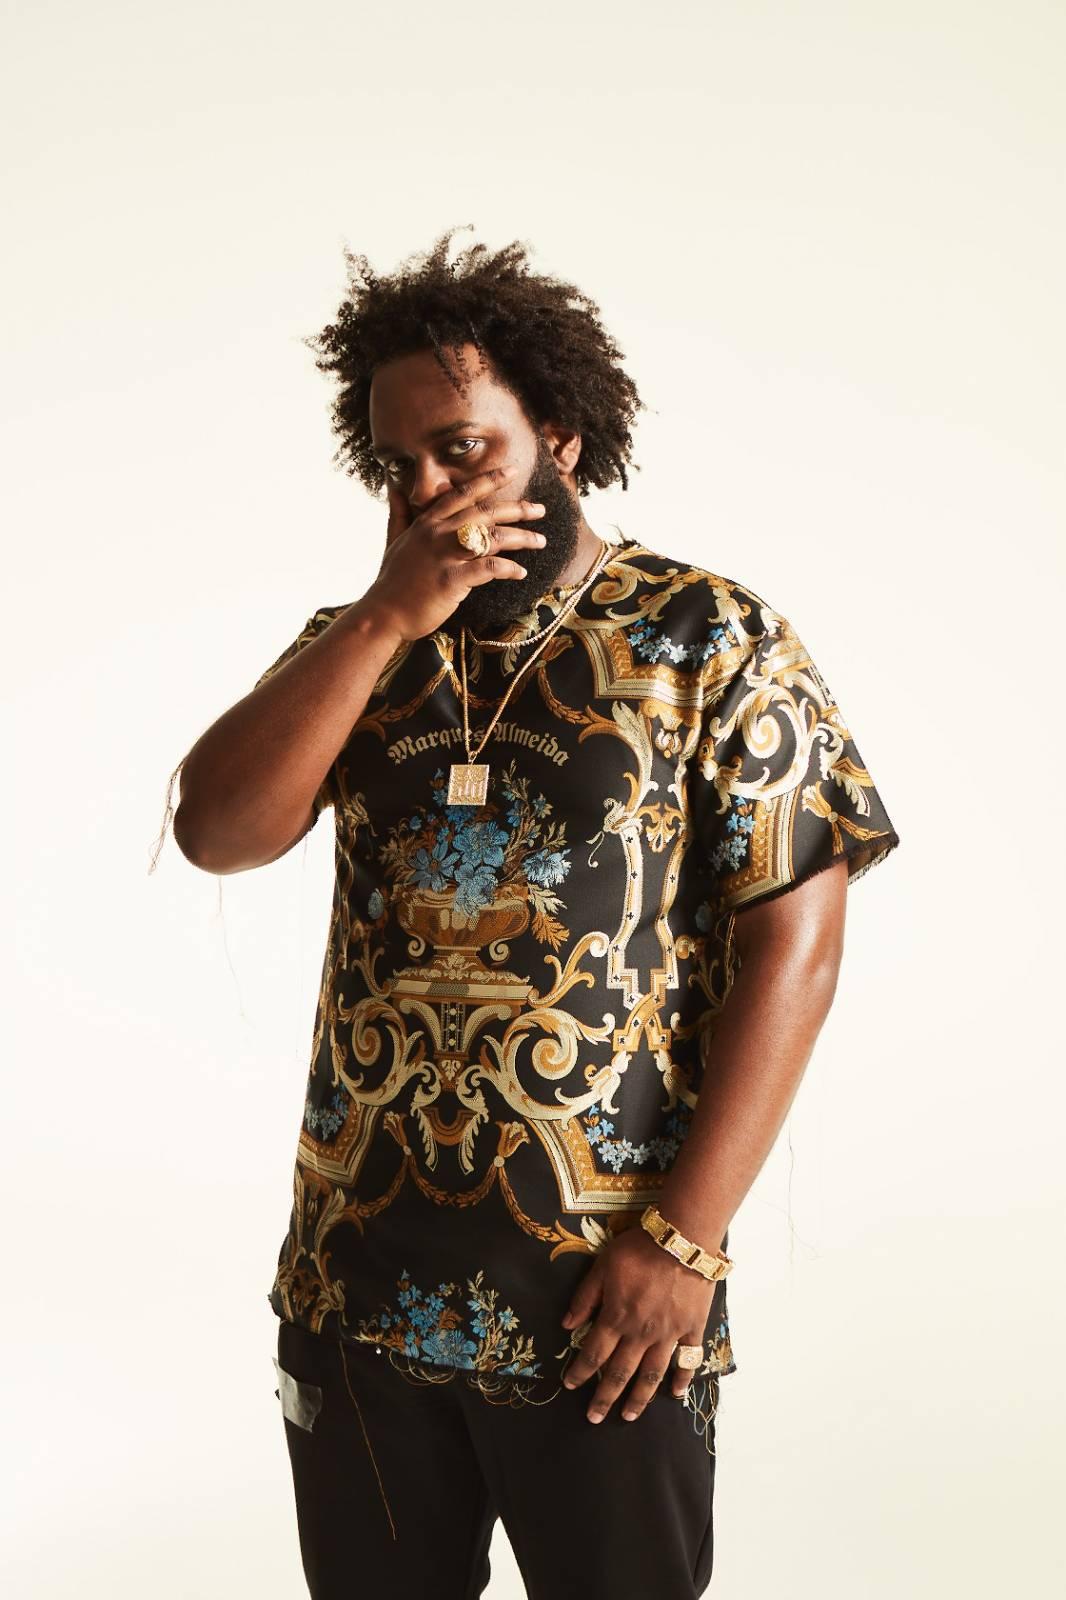 BAS v březnu v Chapeau Rouge představí své pojetí rapu s afro-karibskými vlivy